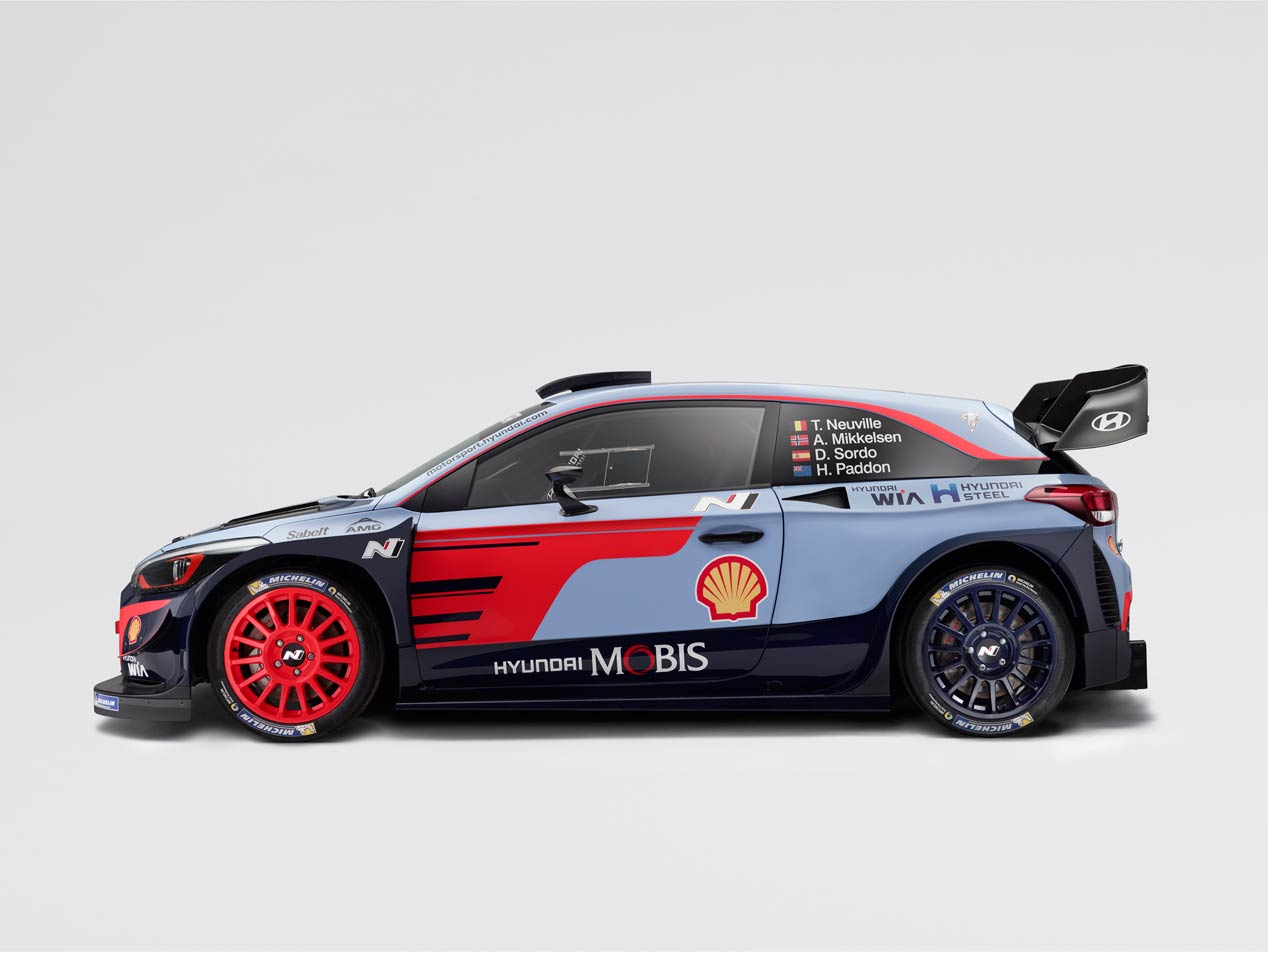 Así es el Hyundai i20 Coupé WRC para el Mundial de Rallyes 2018